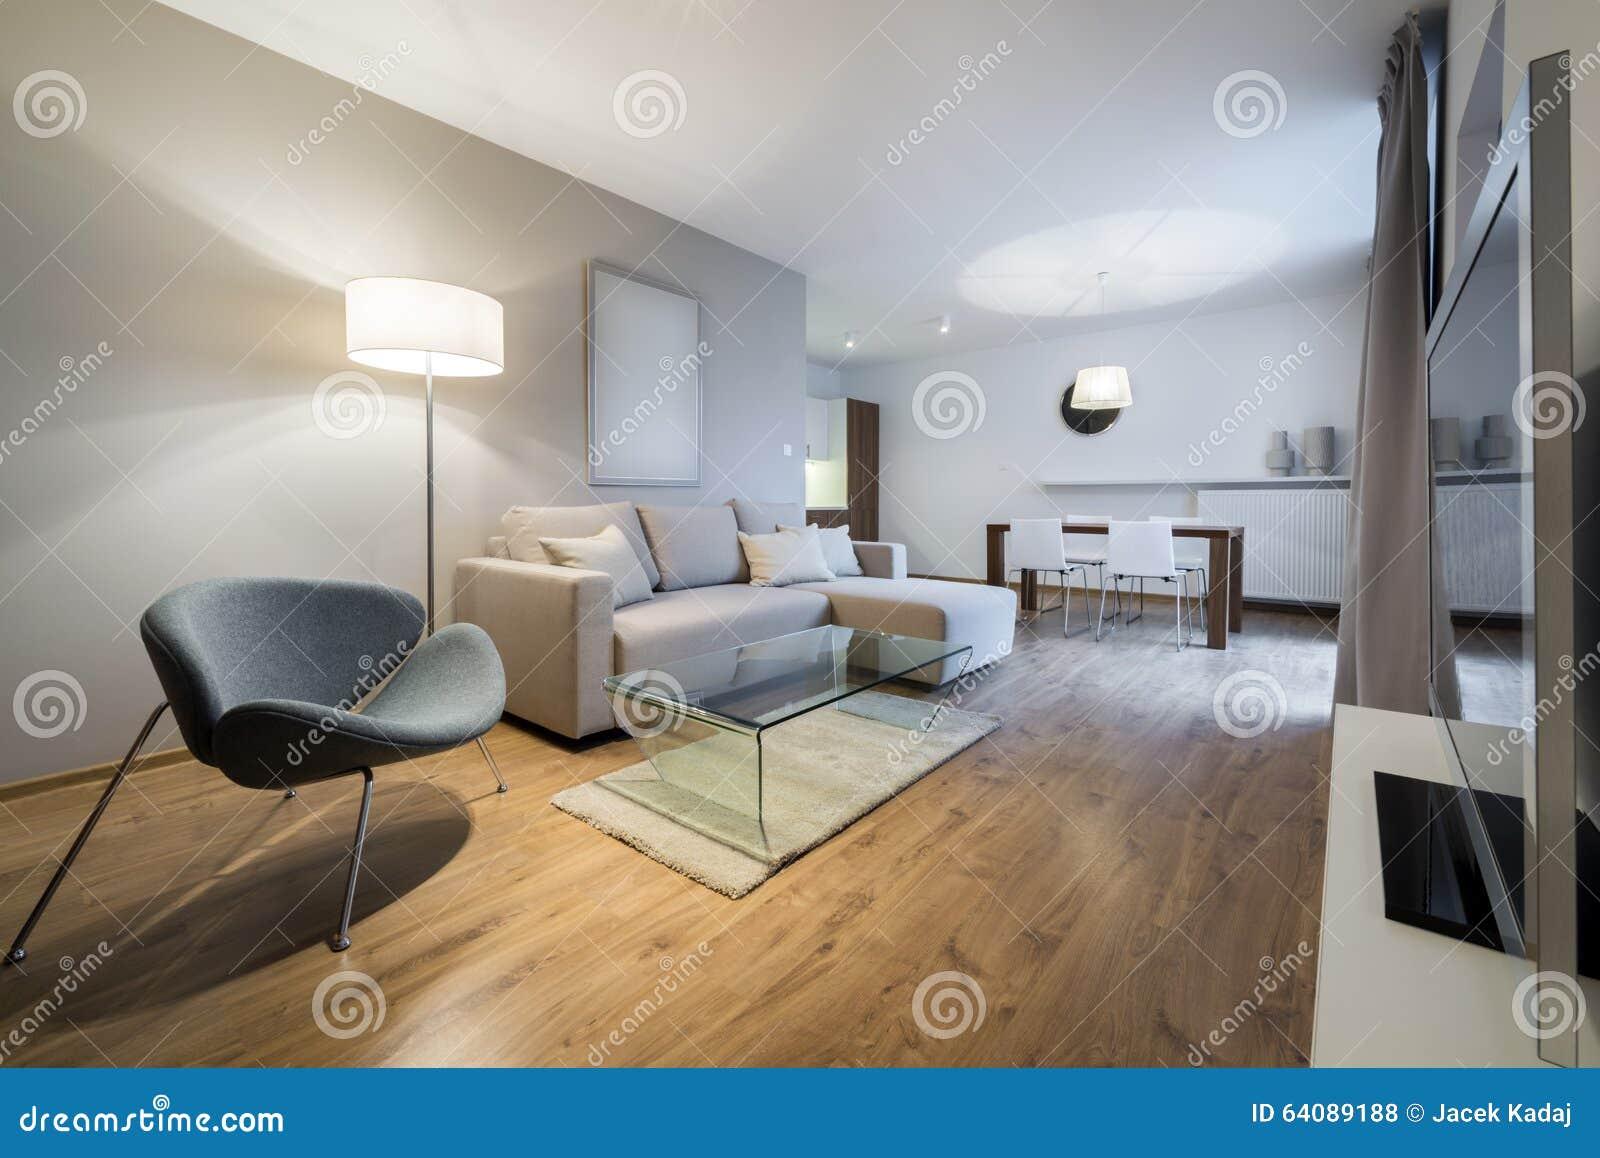 Appartamento moderno di interior design fotografia stock for Appartamento interior design